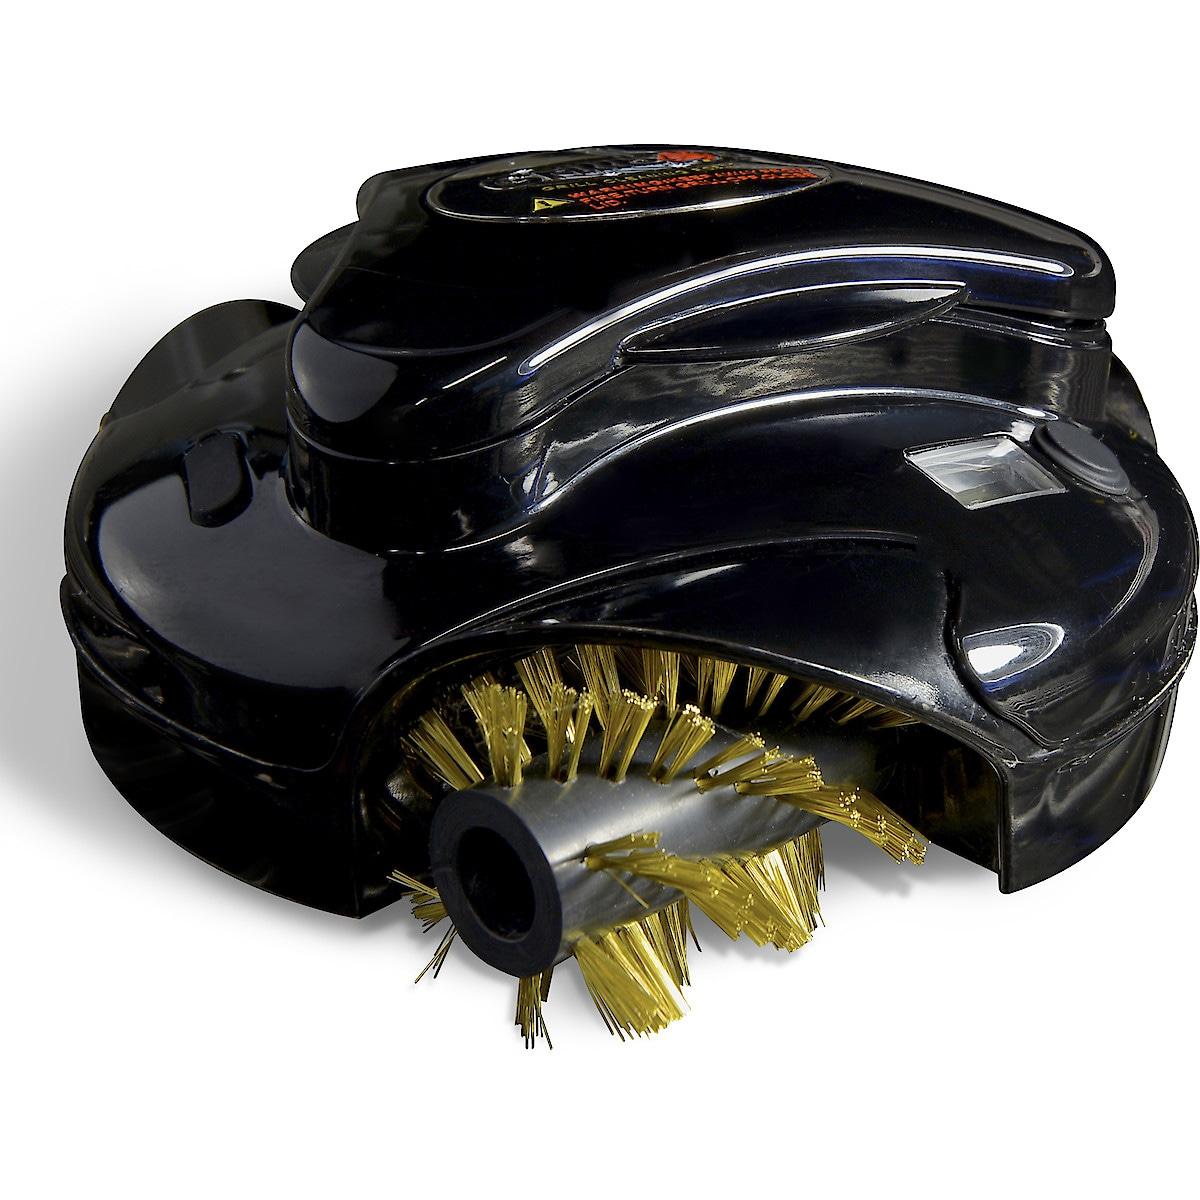 Grillrostreiniger Grillbot GBU102